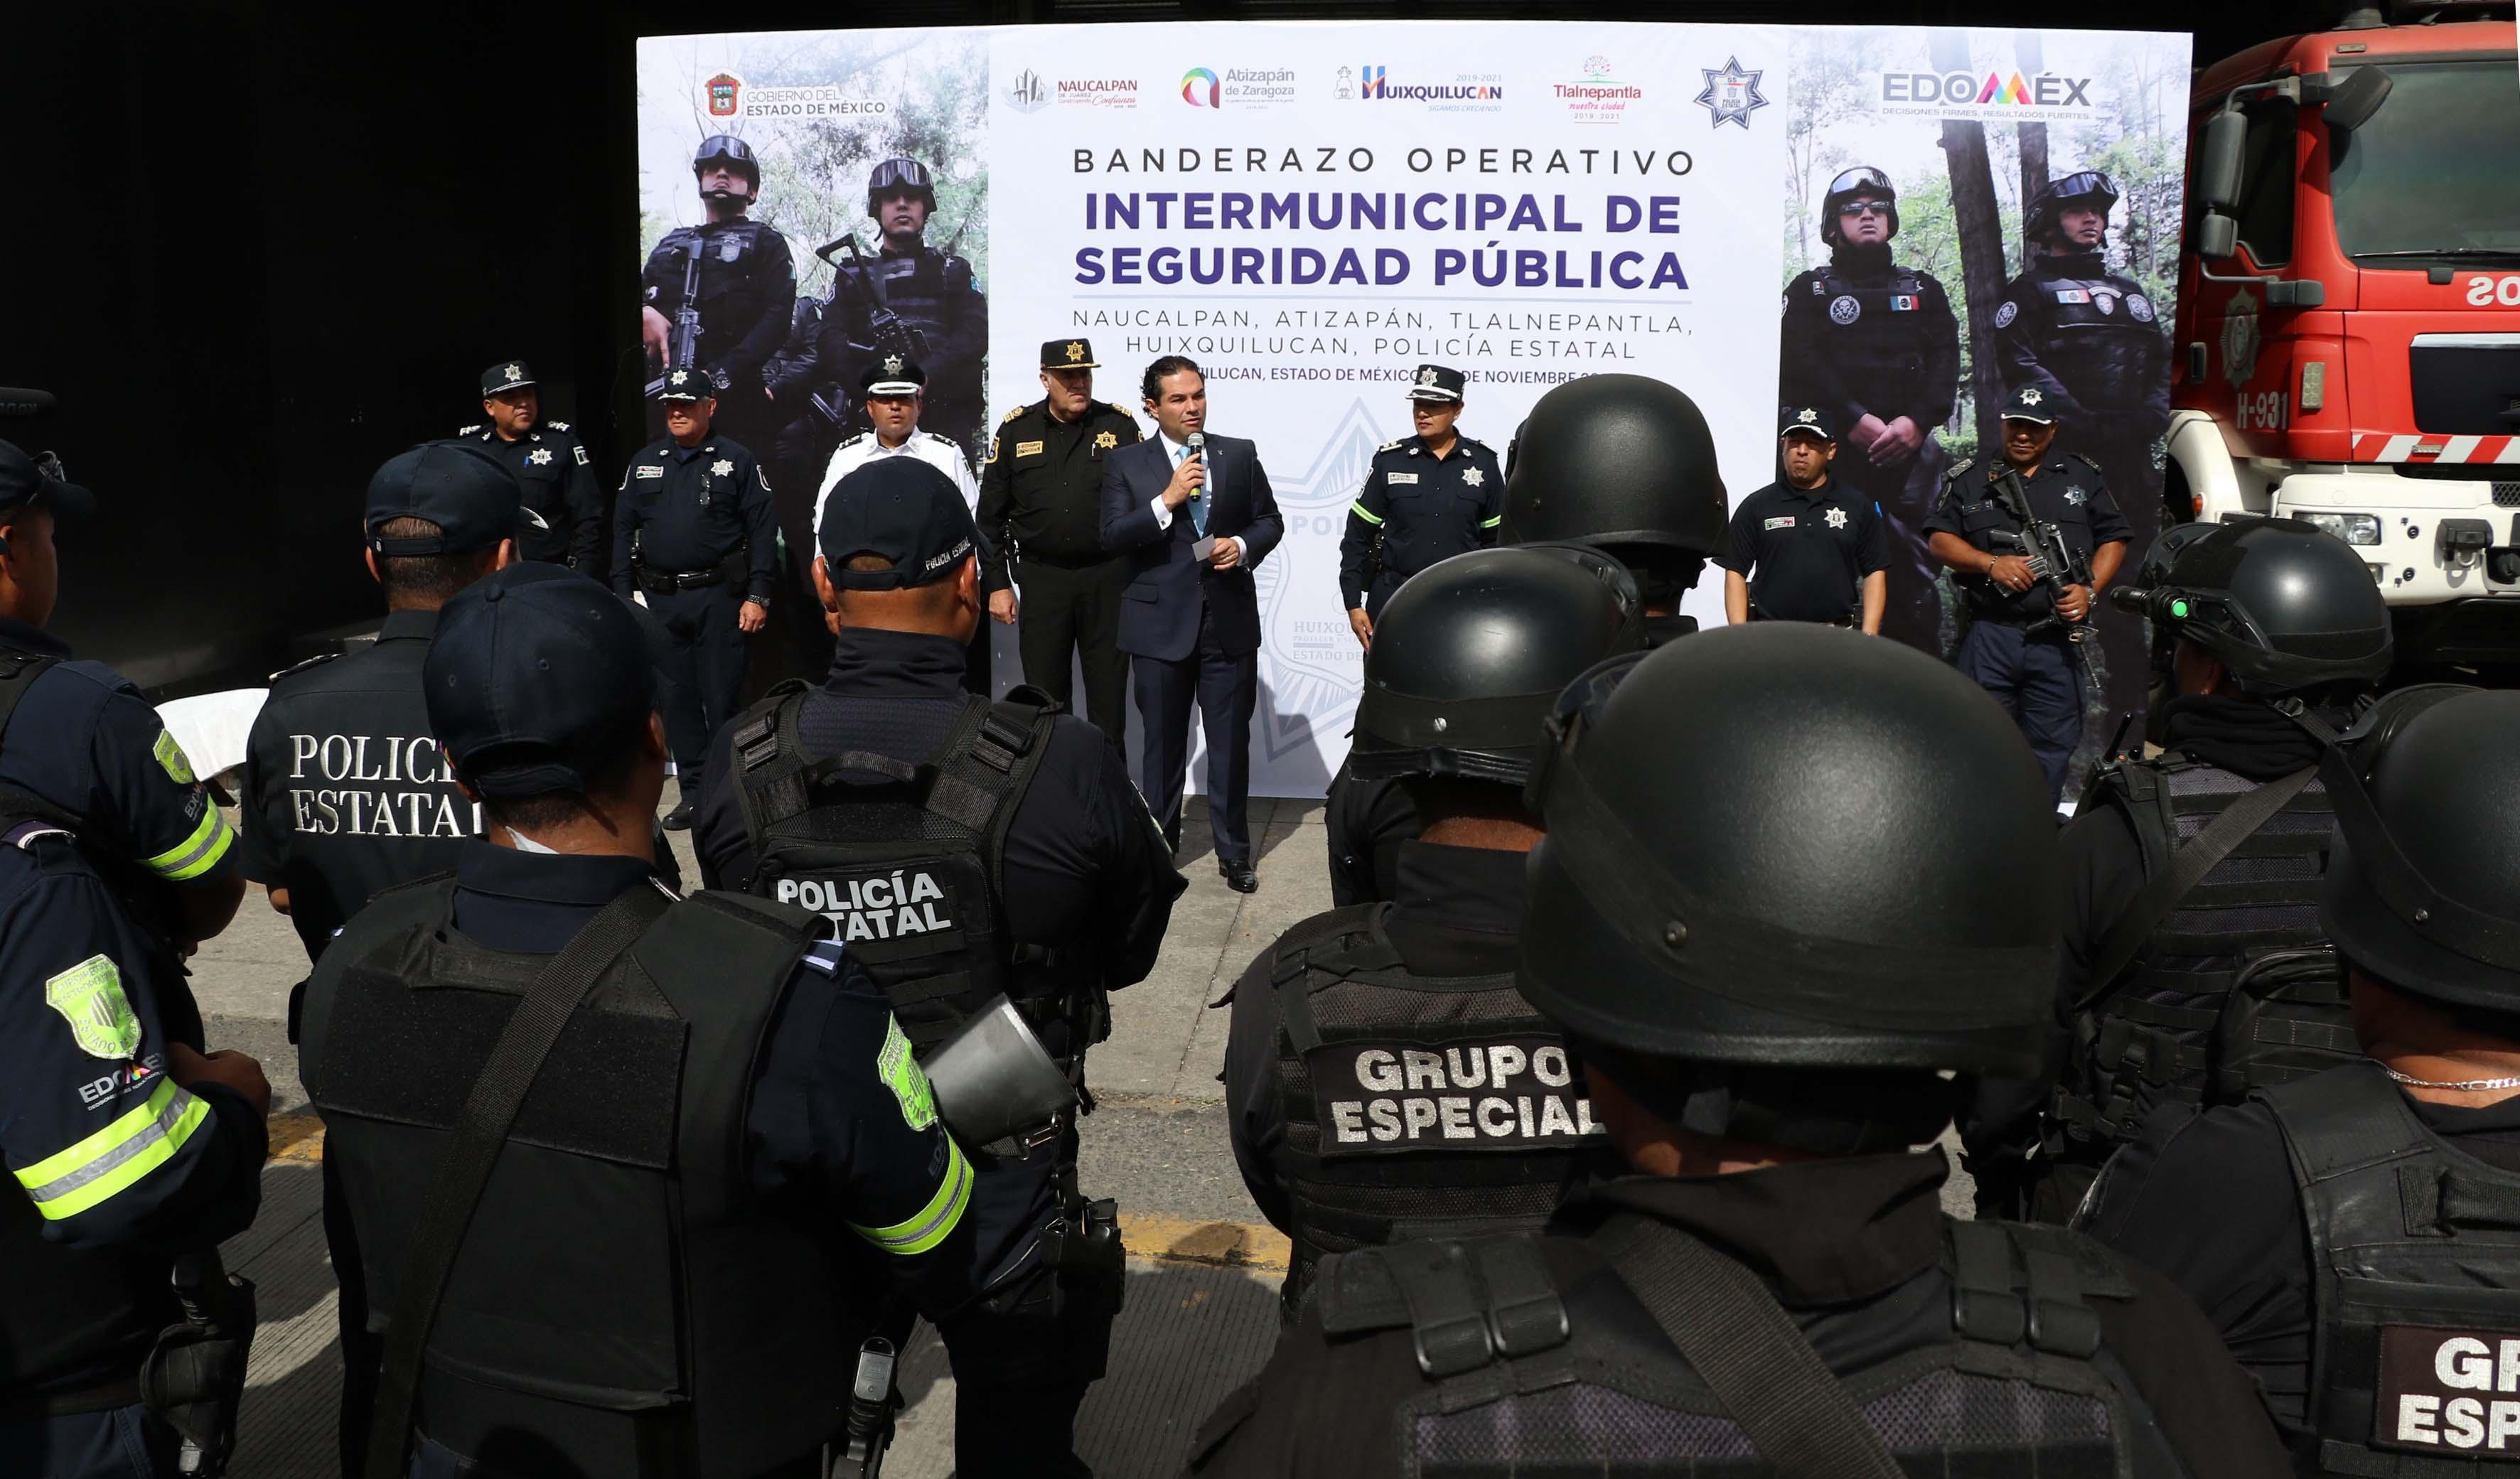 Policias de Huixquilucan, Naucalpan, Tlalnepantla y Atizapán inician programa intermunicipal de seguridad apoyados por la policía estatal y Guardia Nacional